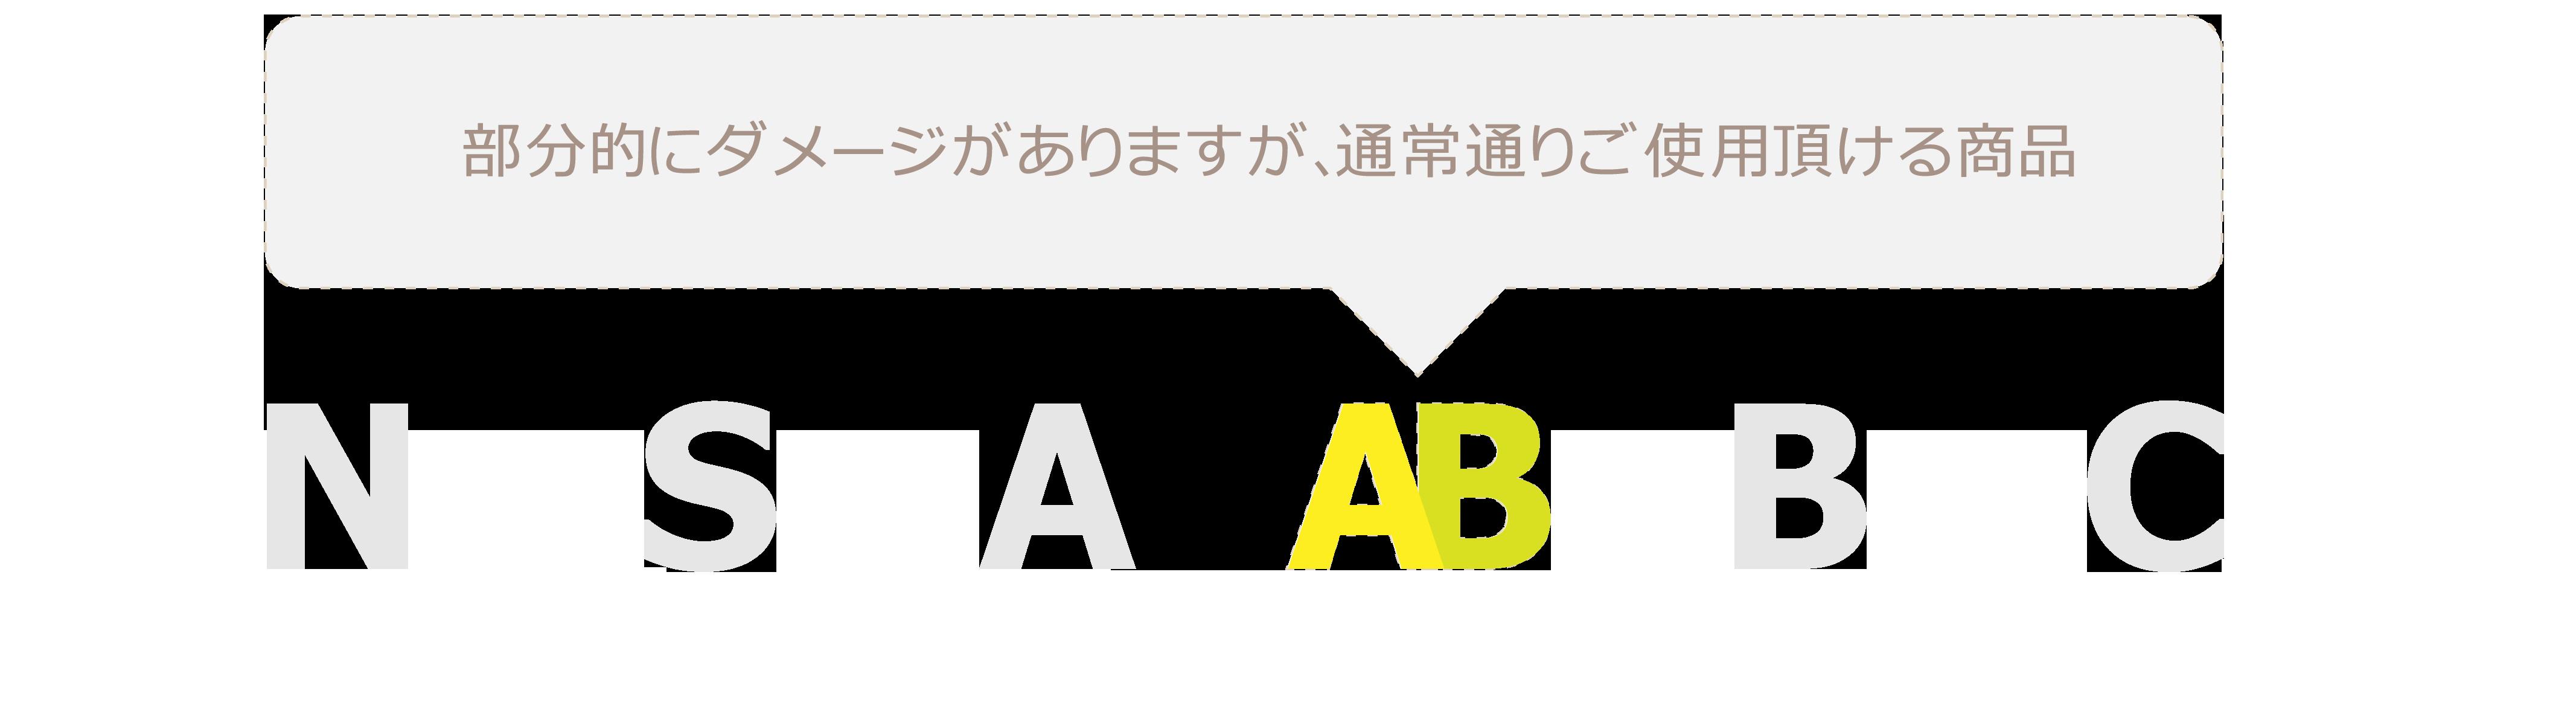 状態ランク(AB):説明文